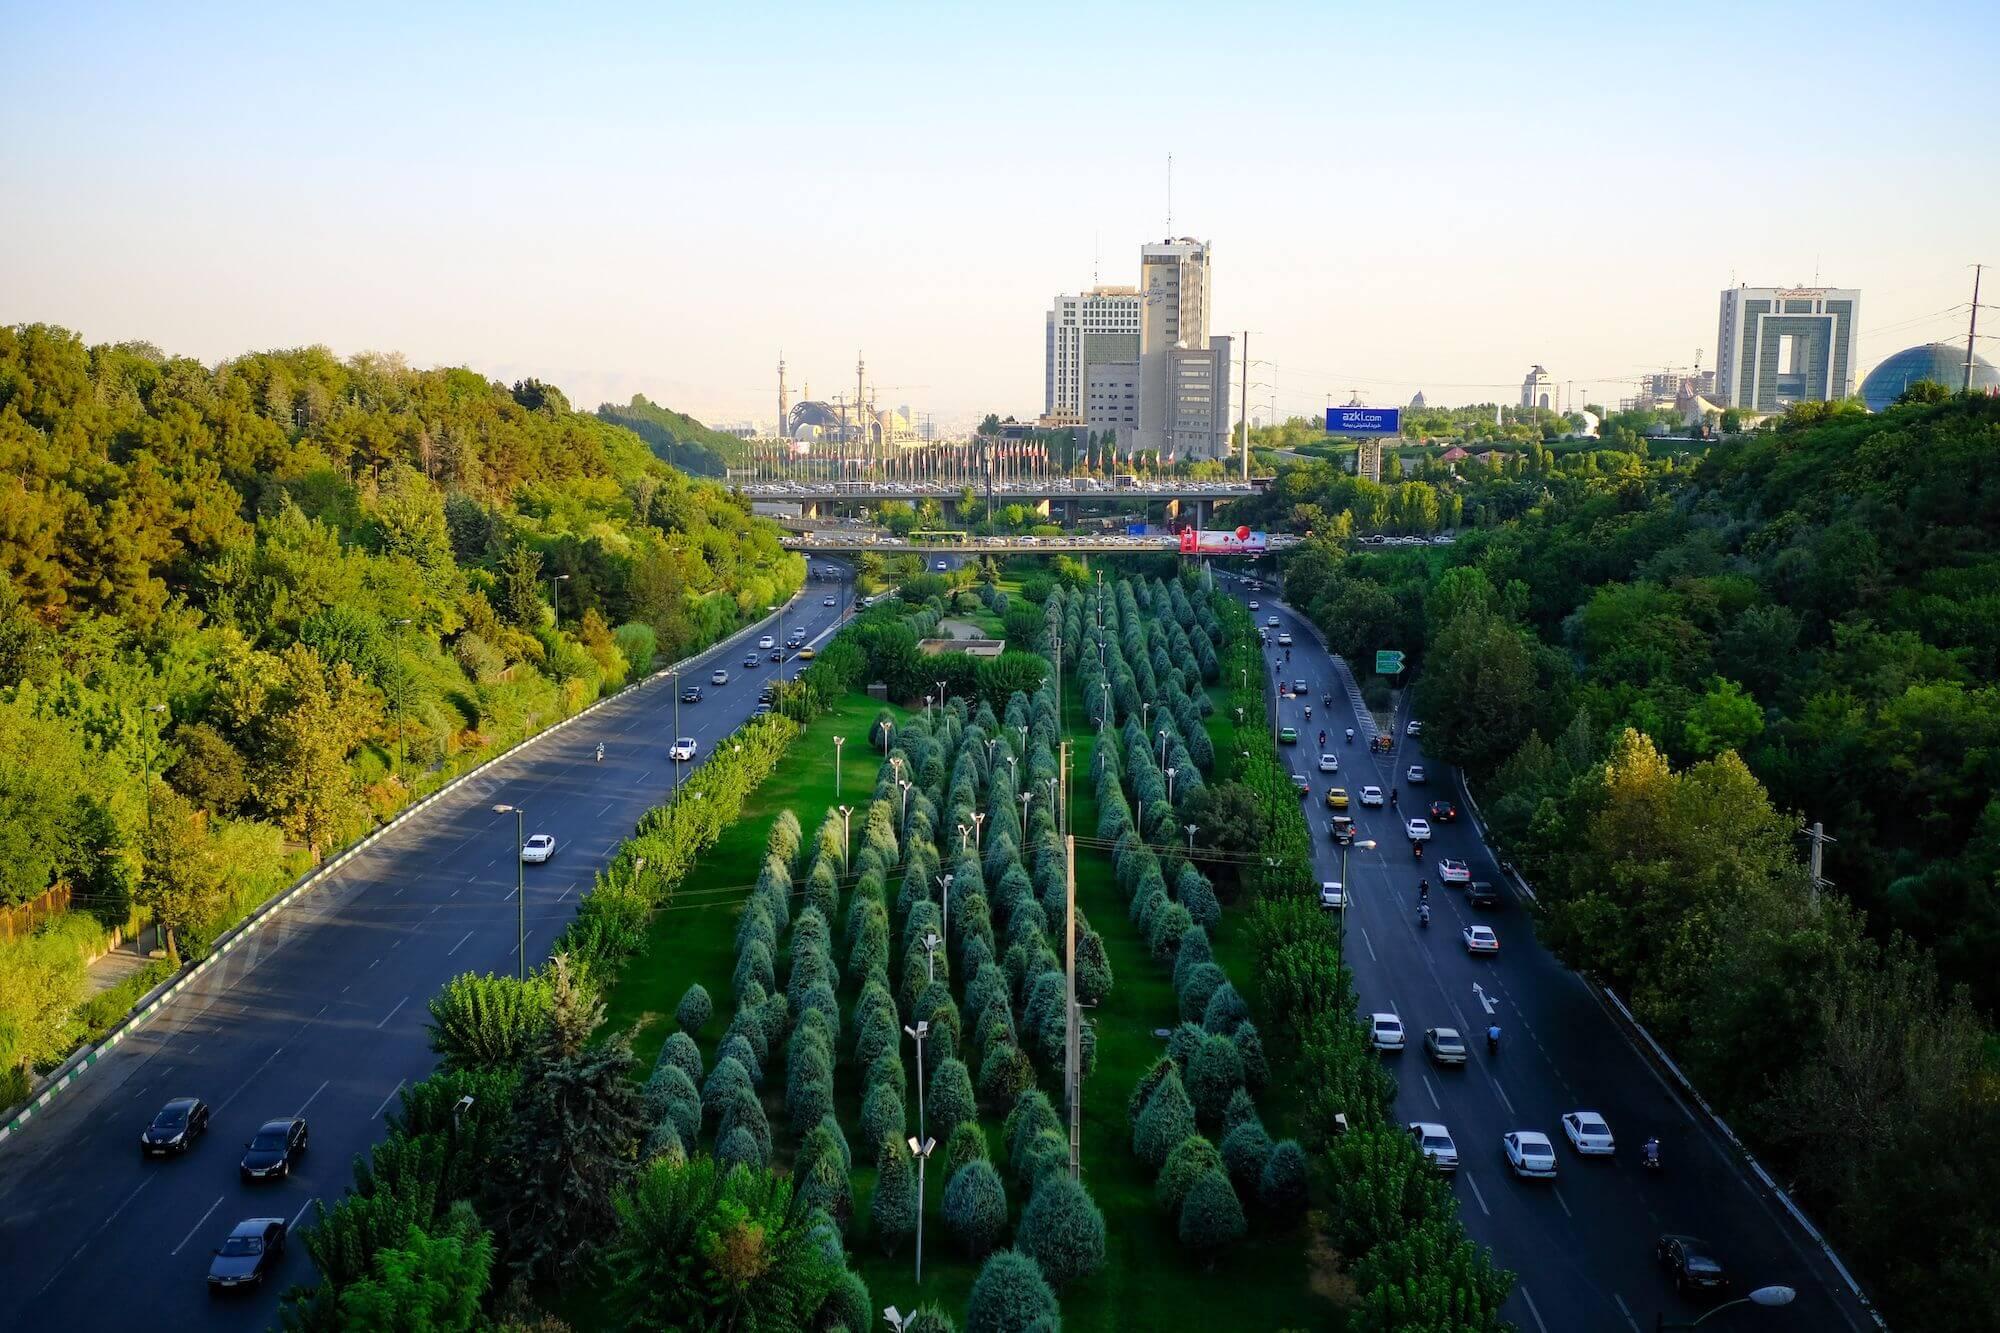 Teheran Tabiat Bridge 1 compressor 3 giorni a Teheran